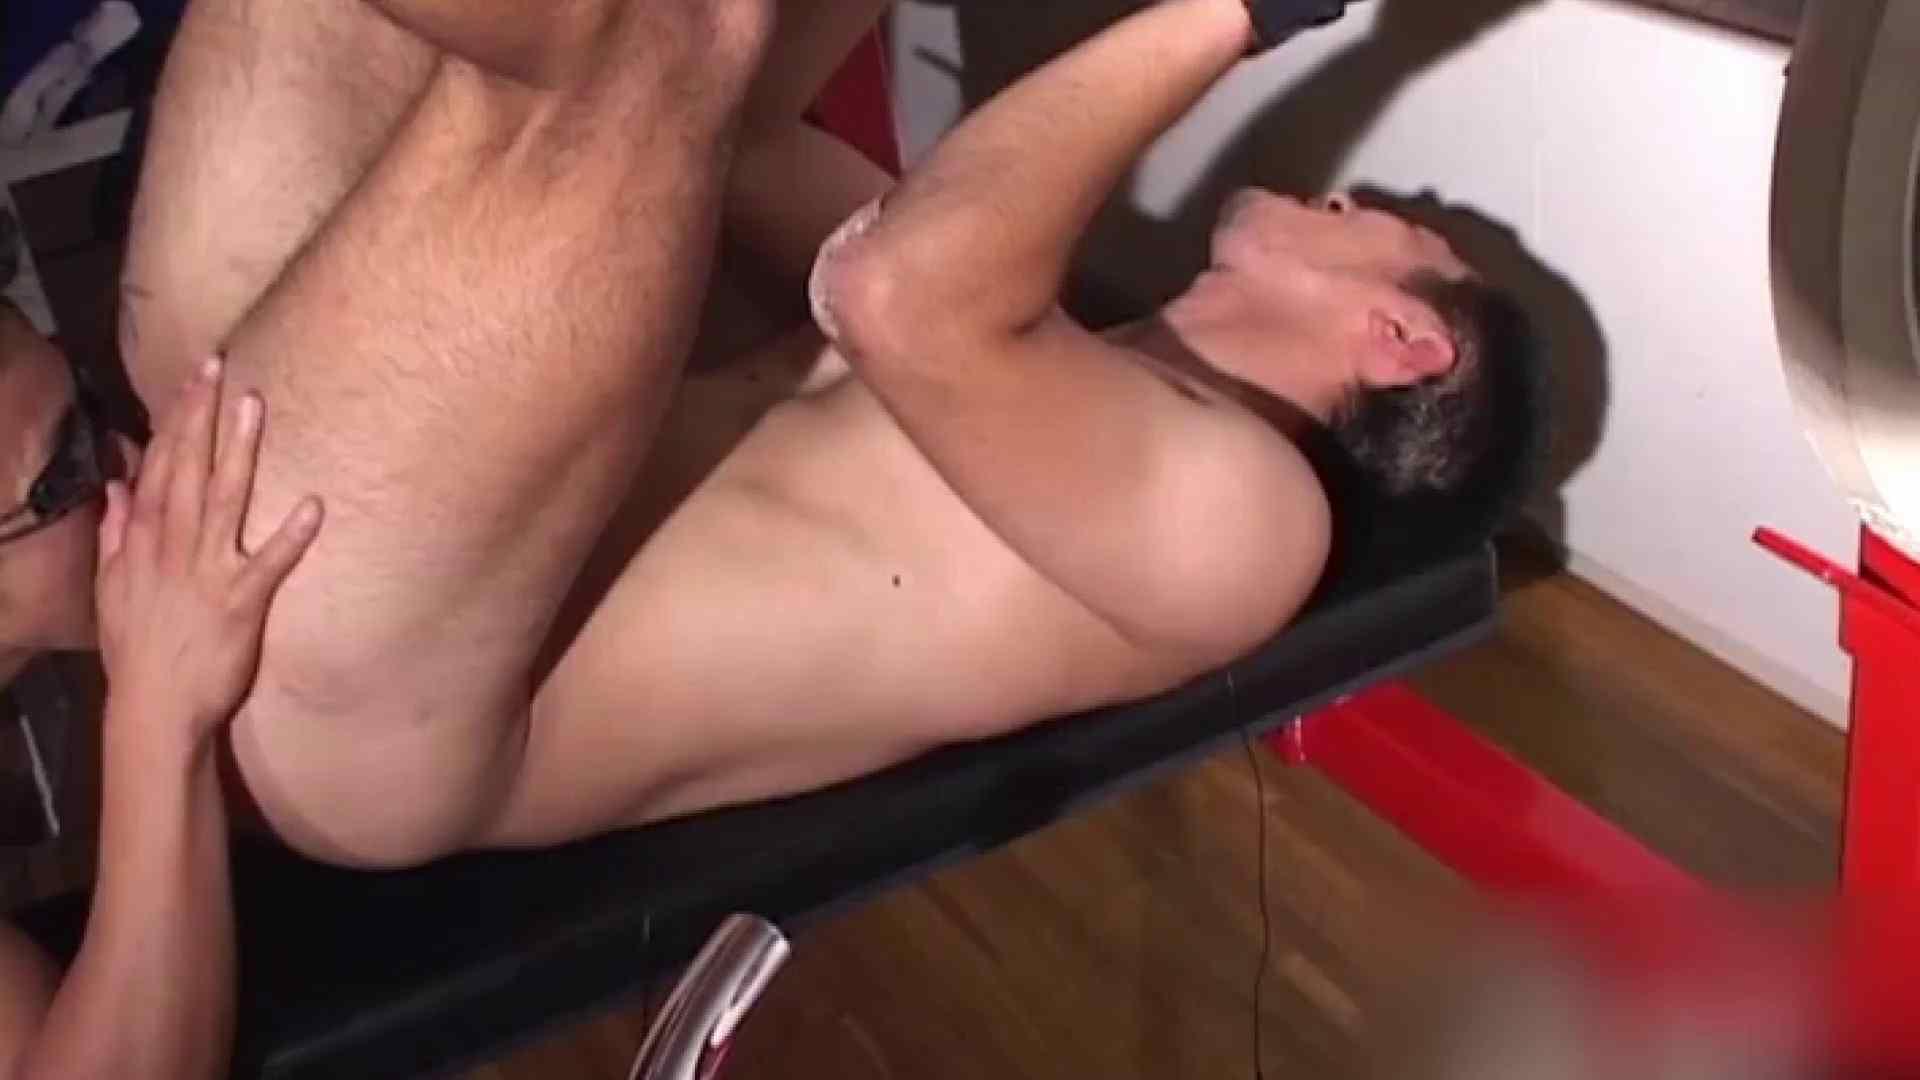 珍肉も筋肉の内!!vol.1 流出特集 ゲイアダルト画像 86枚 9